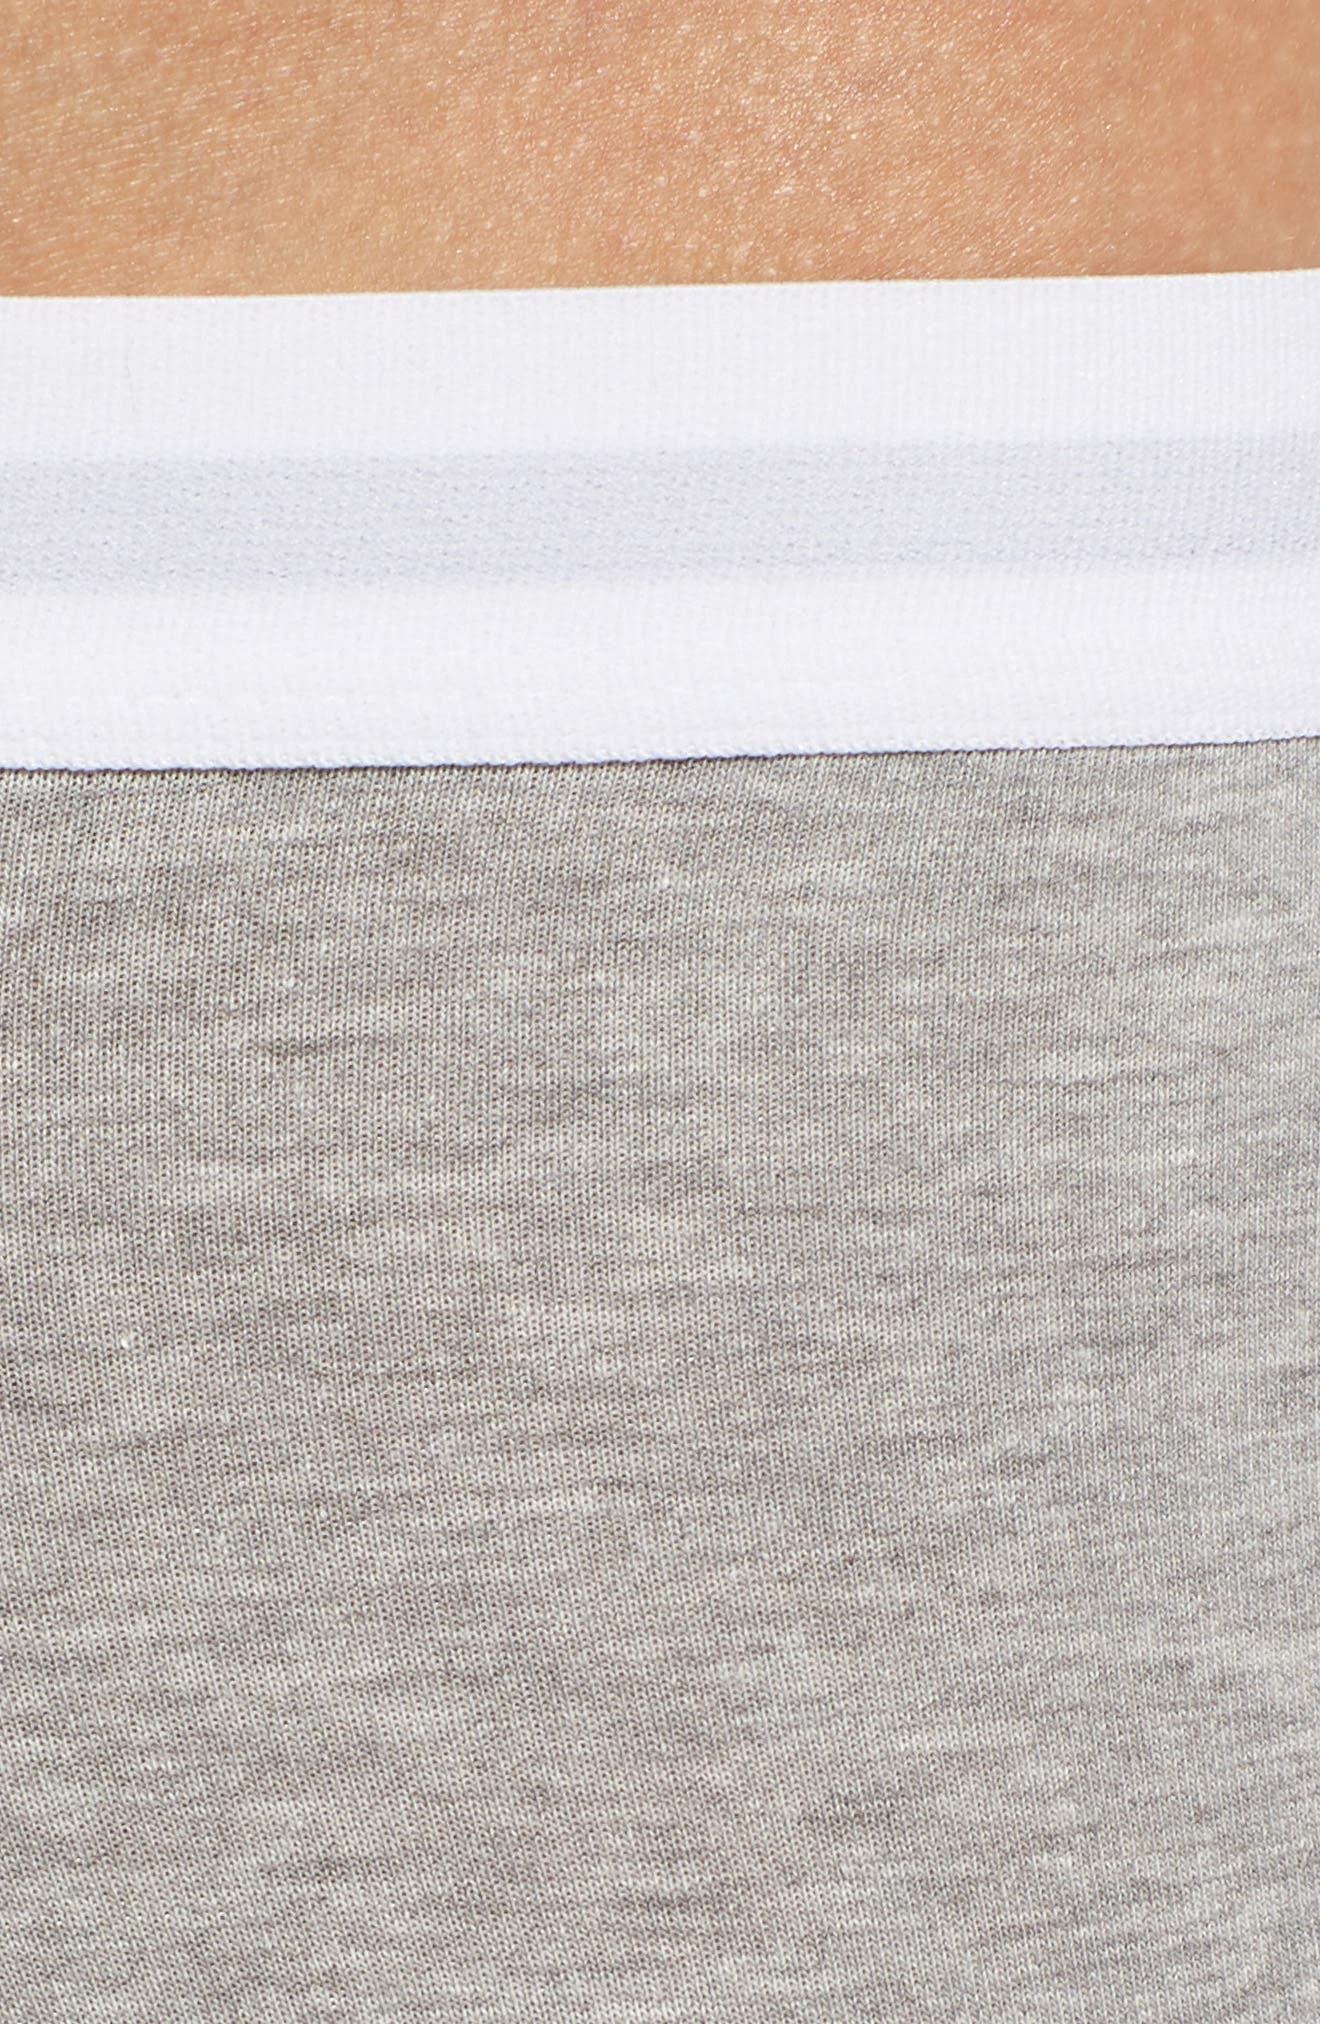 PAUL SMITH,                             3-Pack Trunks,                             Alternate thumbnail 5, color,                             BLACK/ WHITE/ GREY